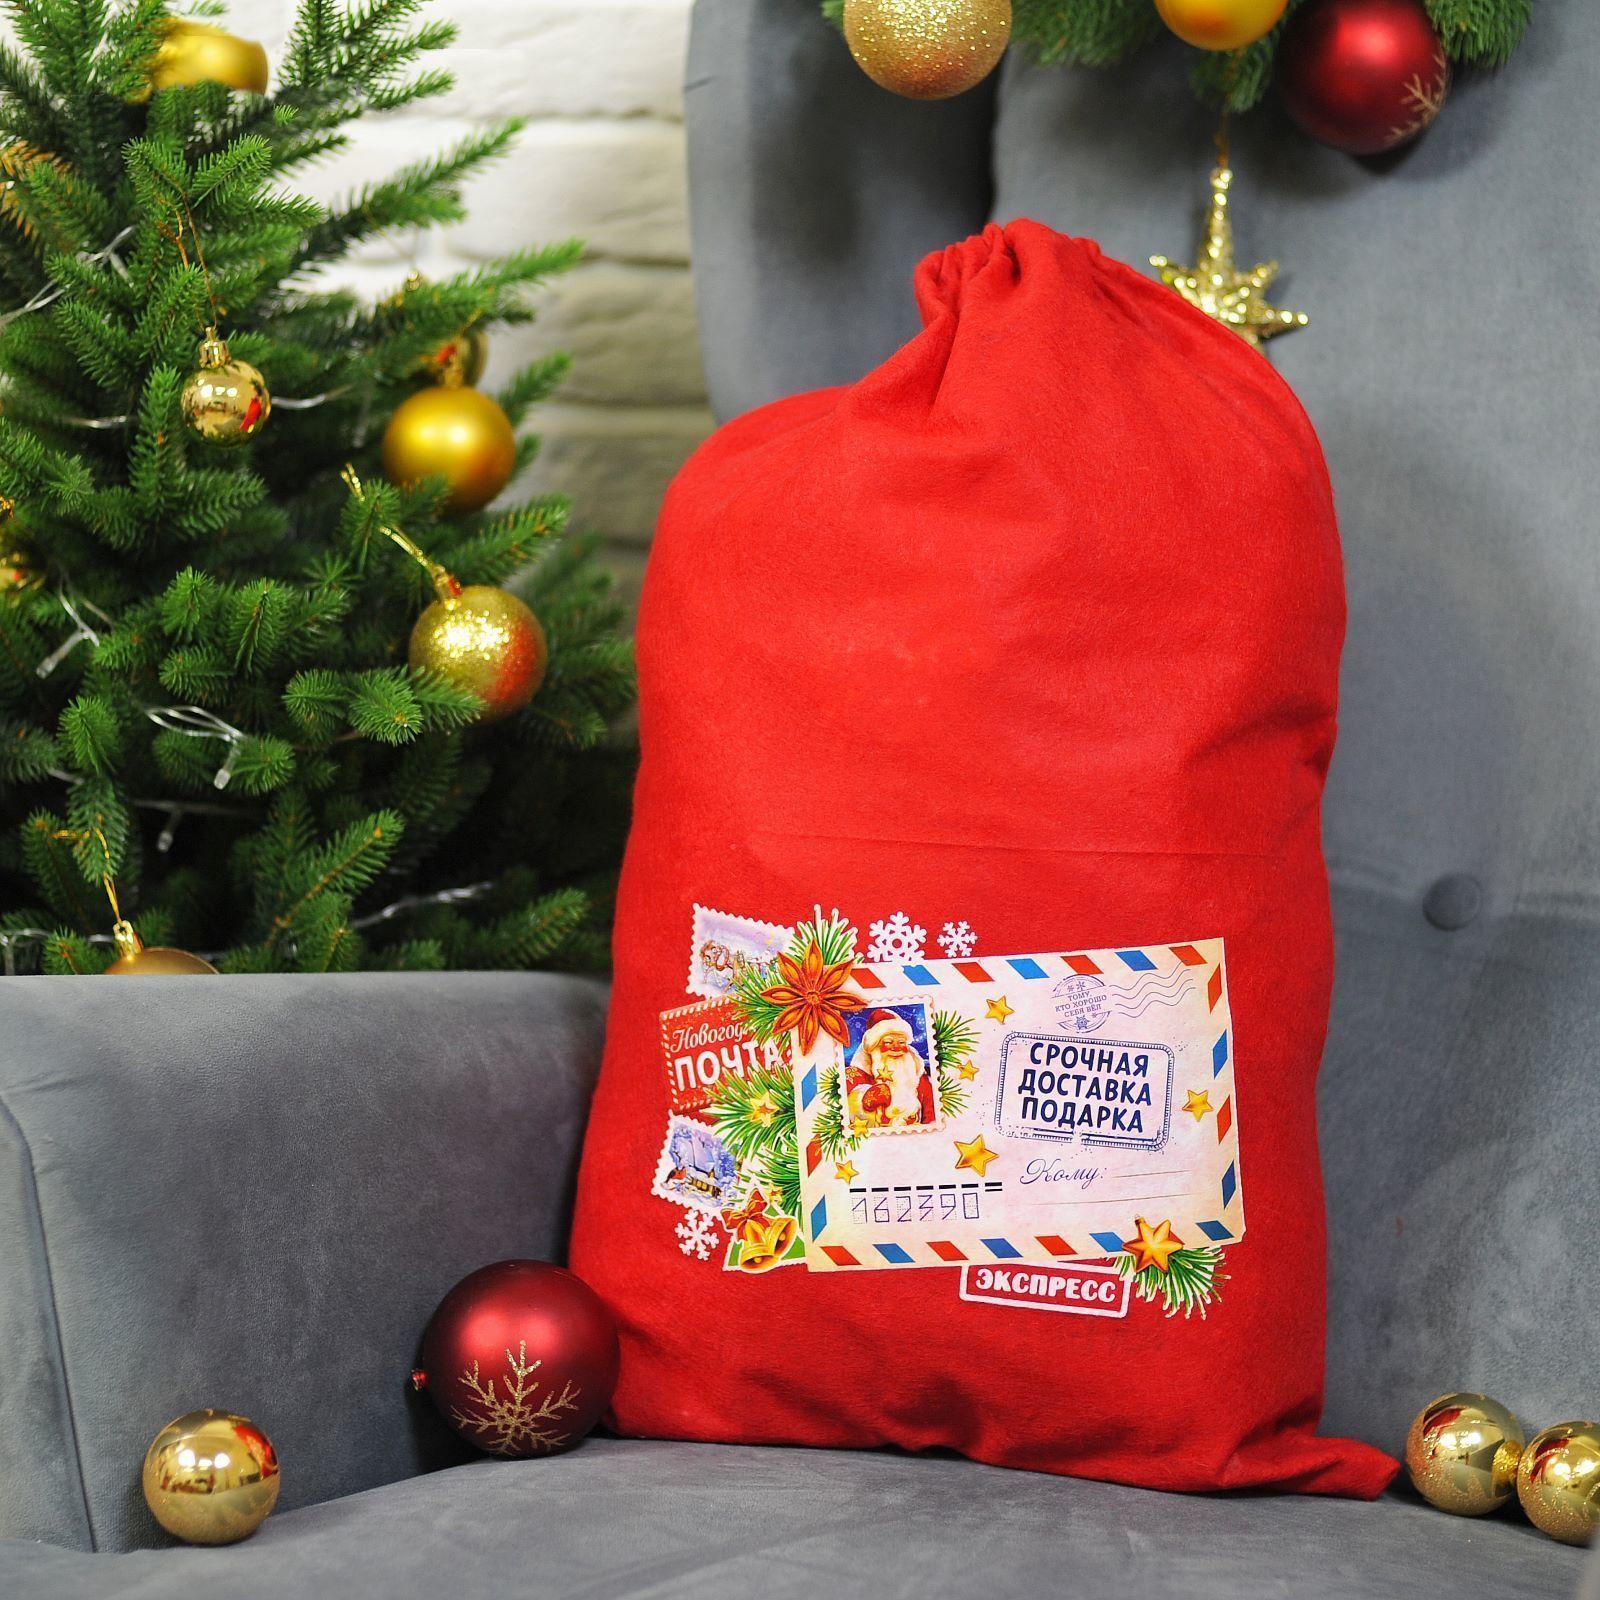 """Праздничный мешок """"Дед Мороз"""" - Срочная доставка подарков"""